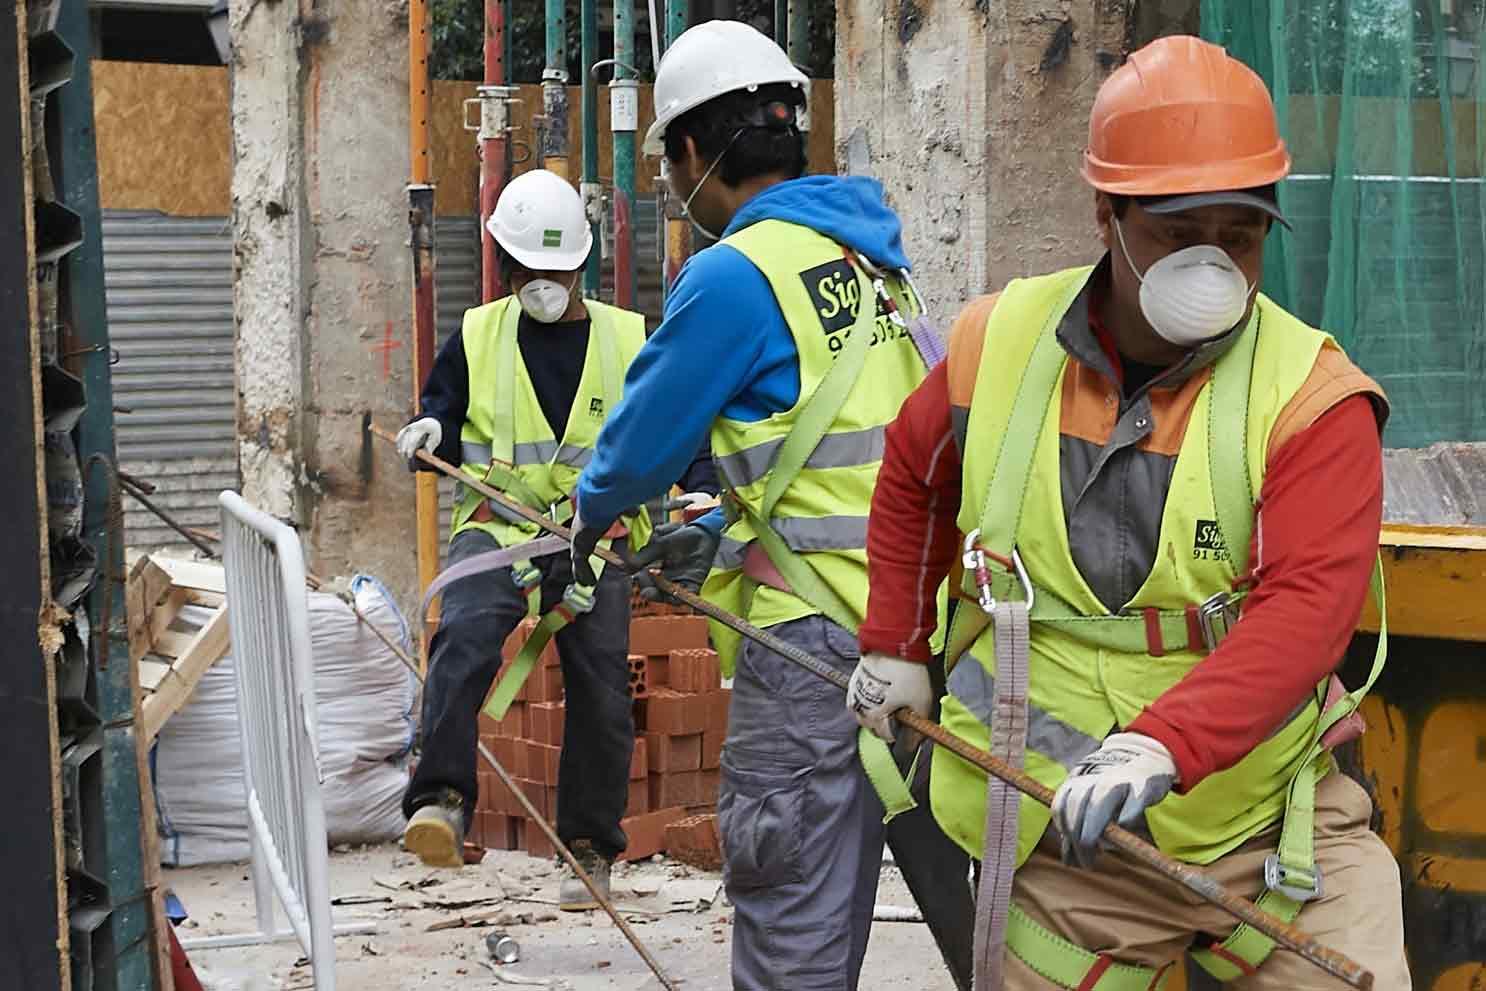 Batasi jumlah pekerja proyek, via latimes.com